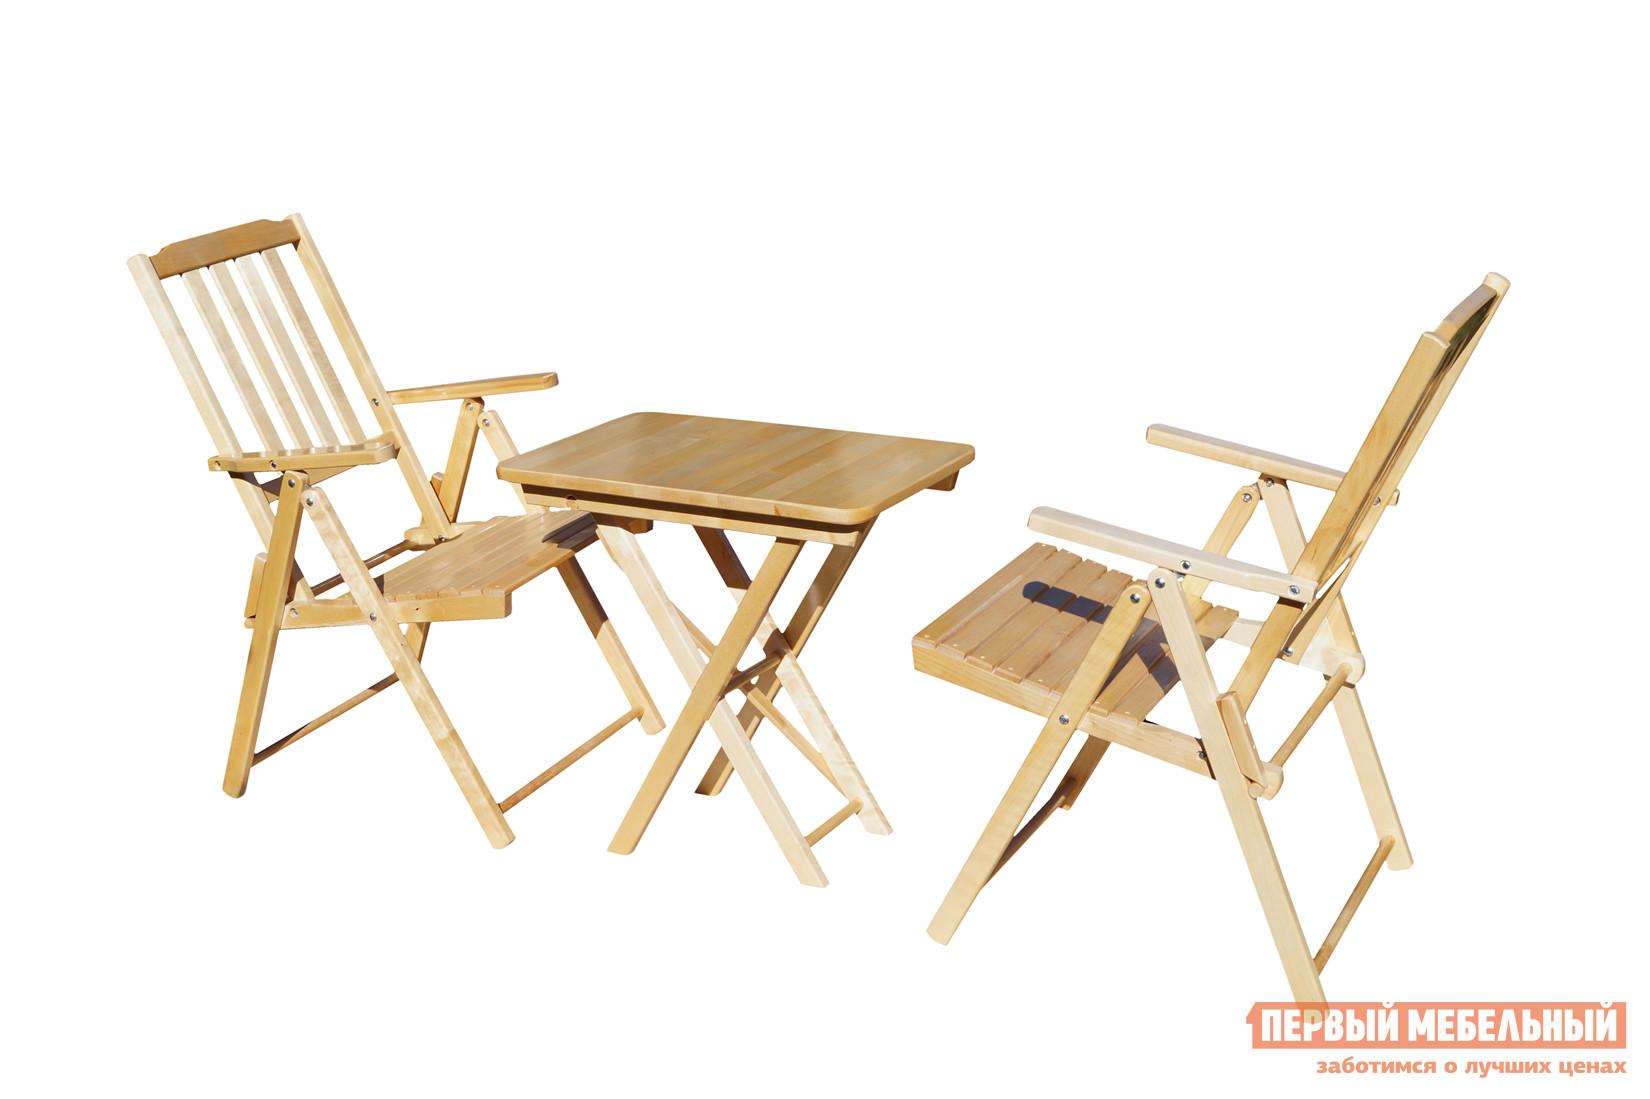 Садовая мебель СМКА СМ011Б + СМ047Б Береза от Купистол